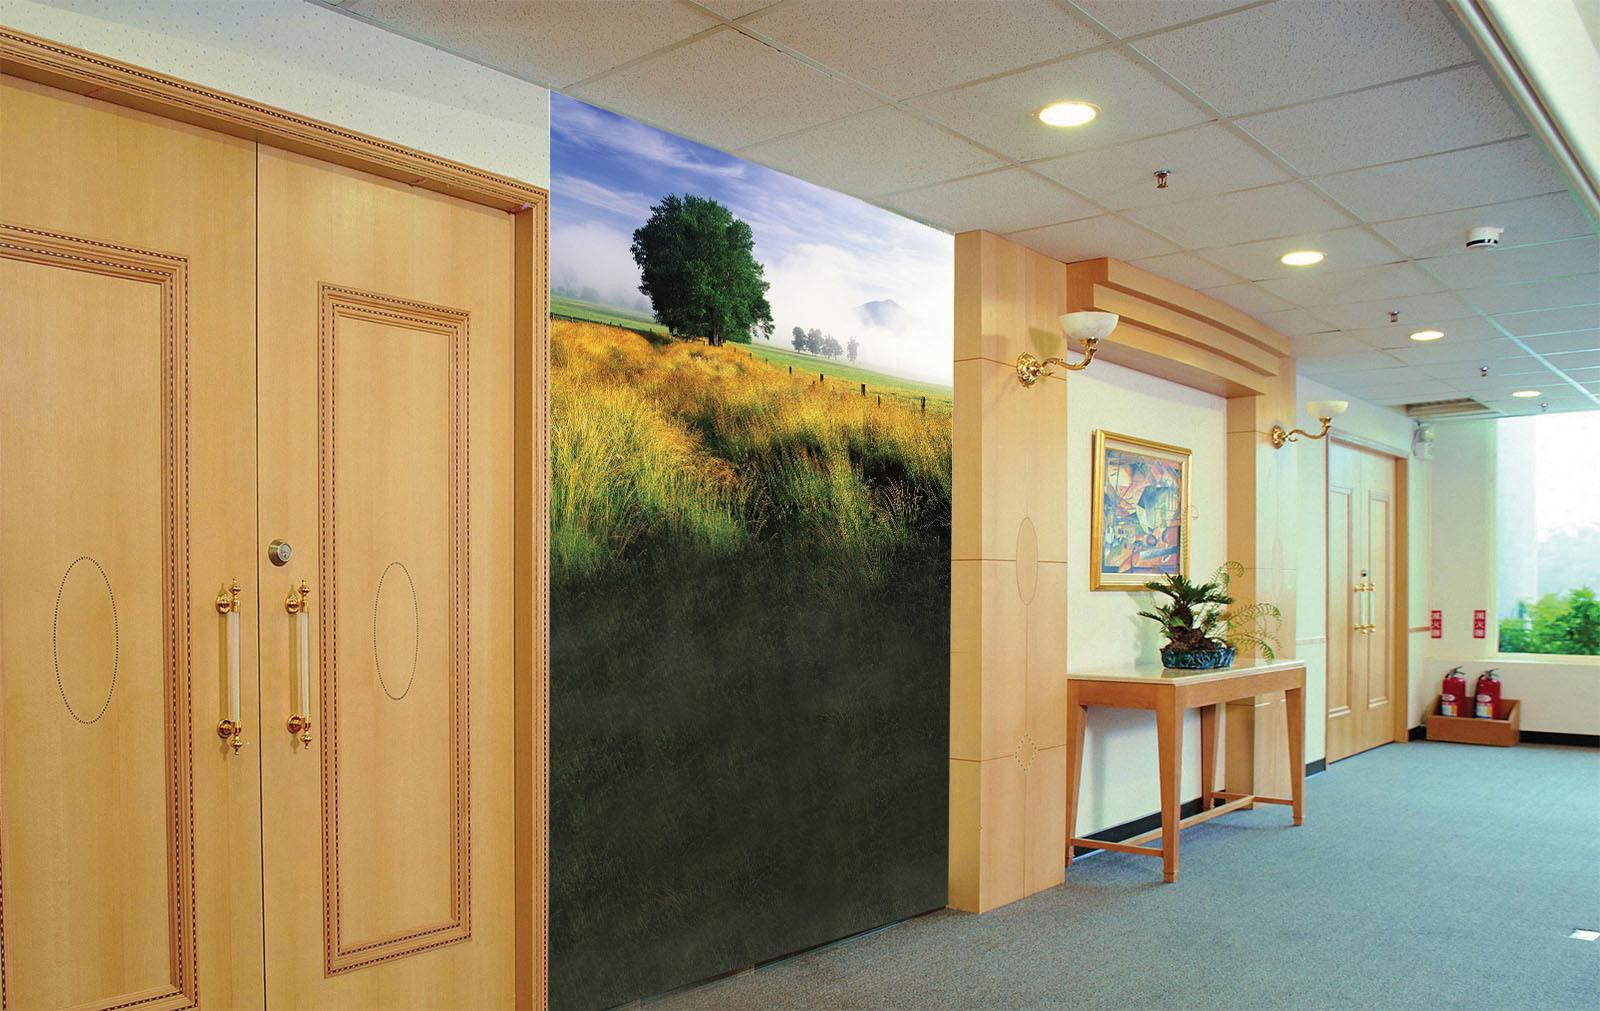 3D Grassland Road Tree 05 Wall Paper Wall Print Decal Wall AJ WALLPAPER CA